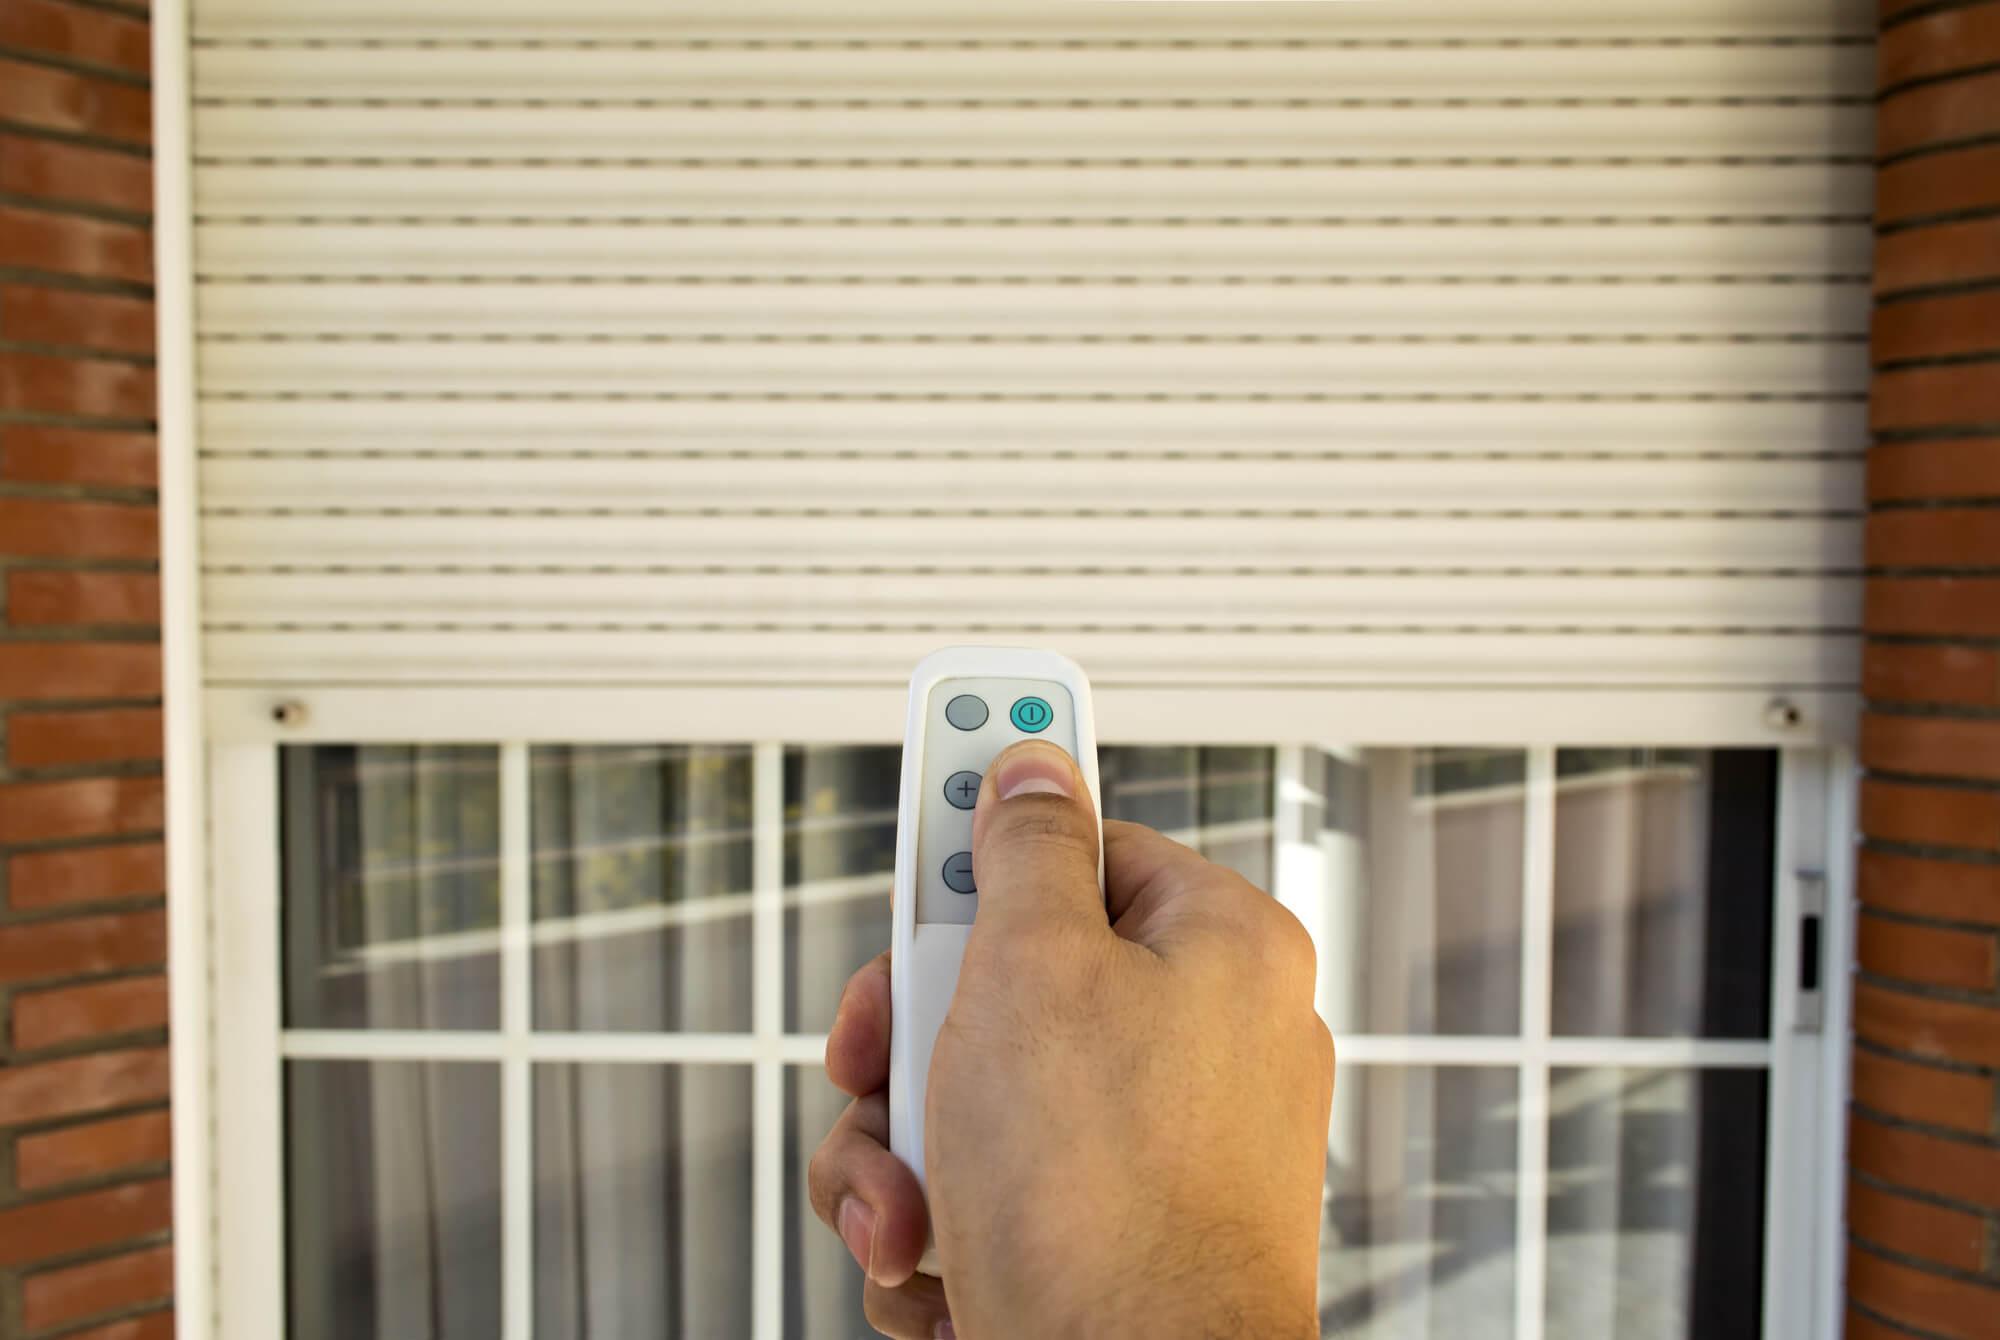 Remote shutters